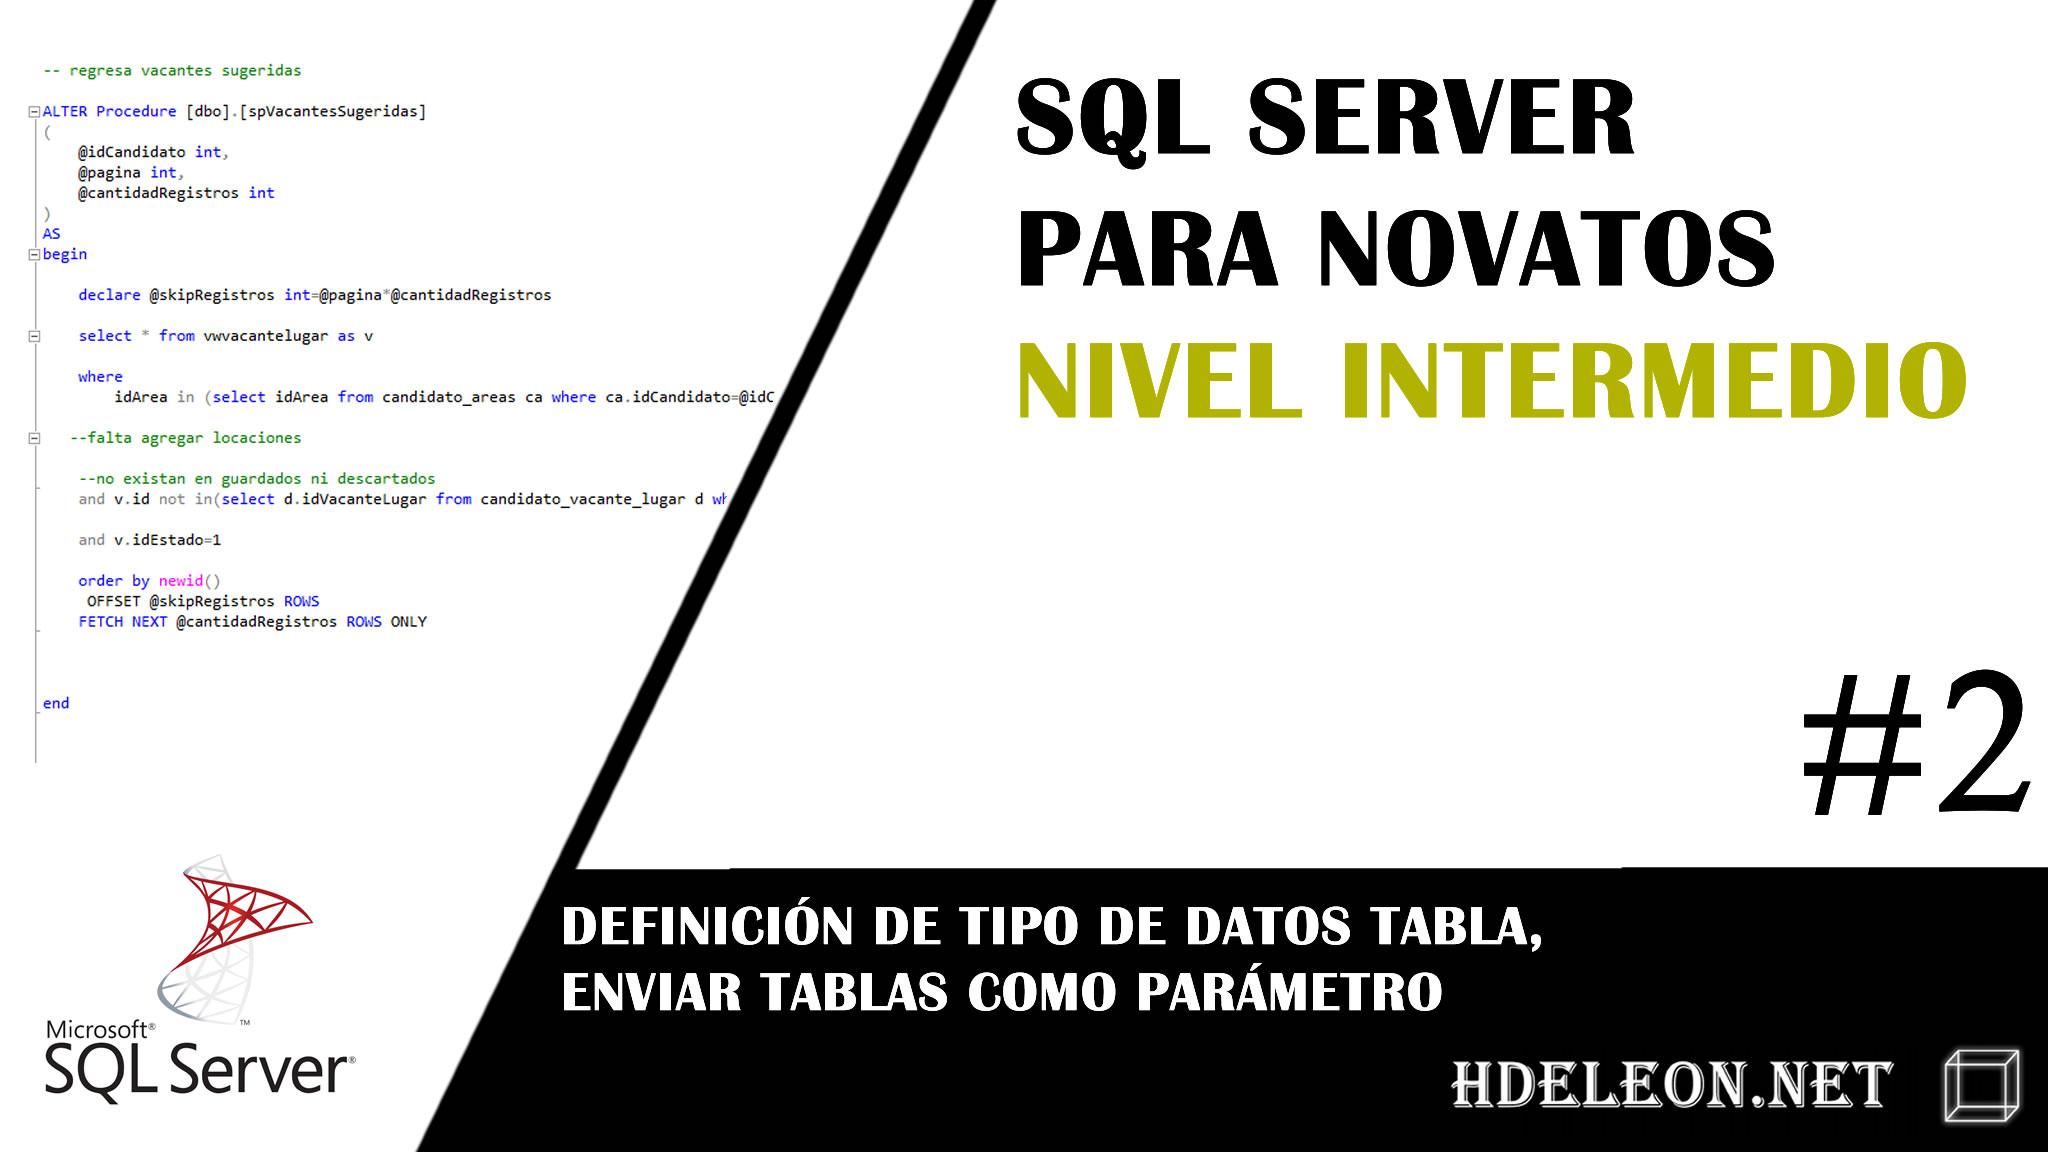 Sql Server nivel Intermedio, definición de tipo de datos tabla, enviar tablas como parámetro, #2